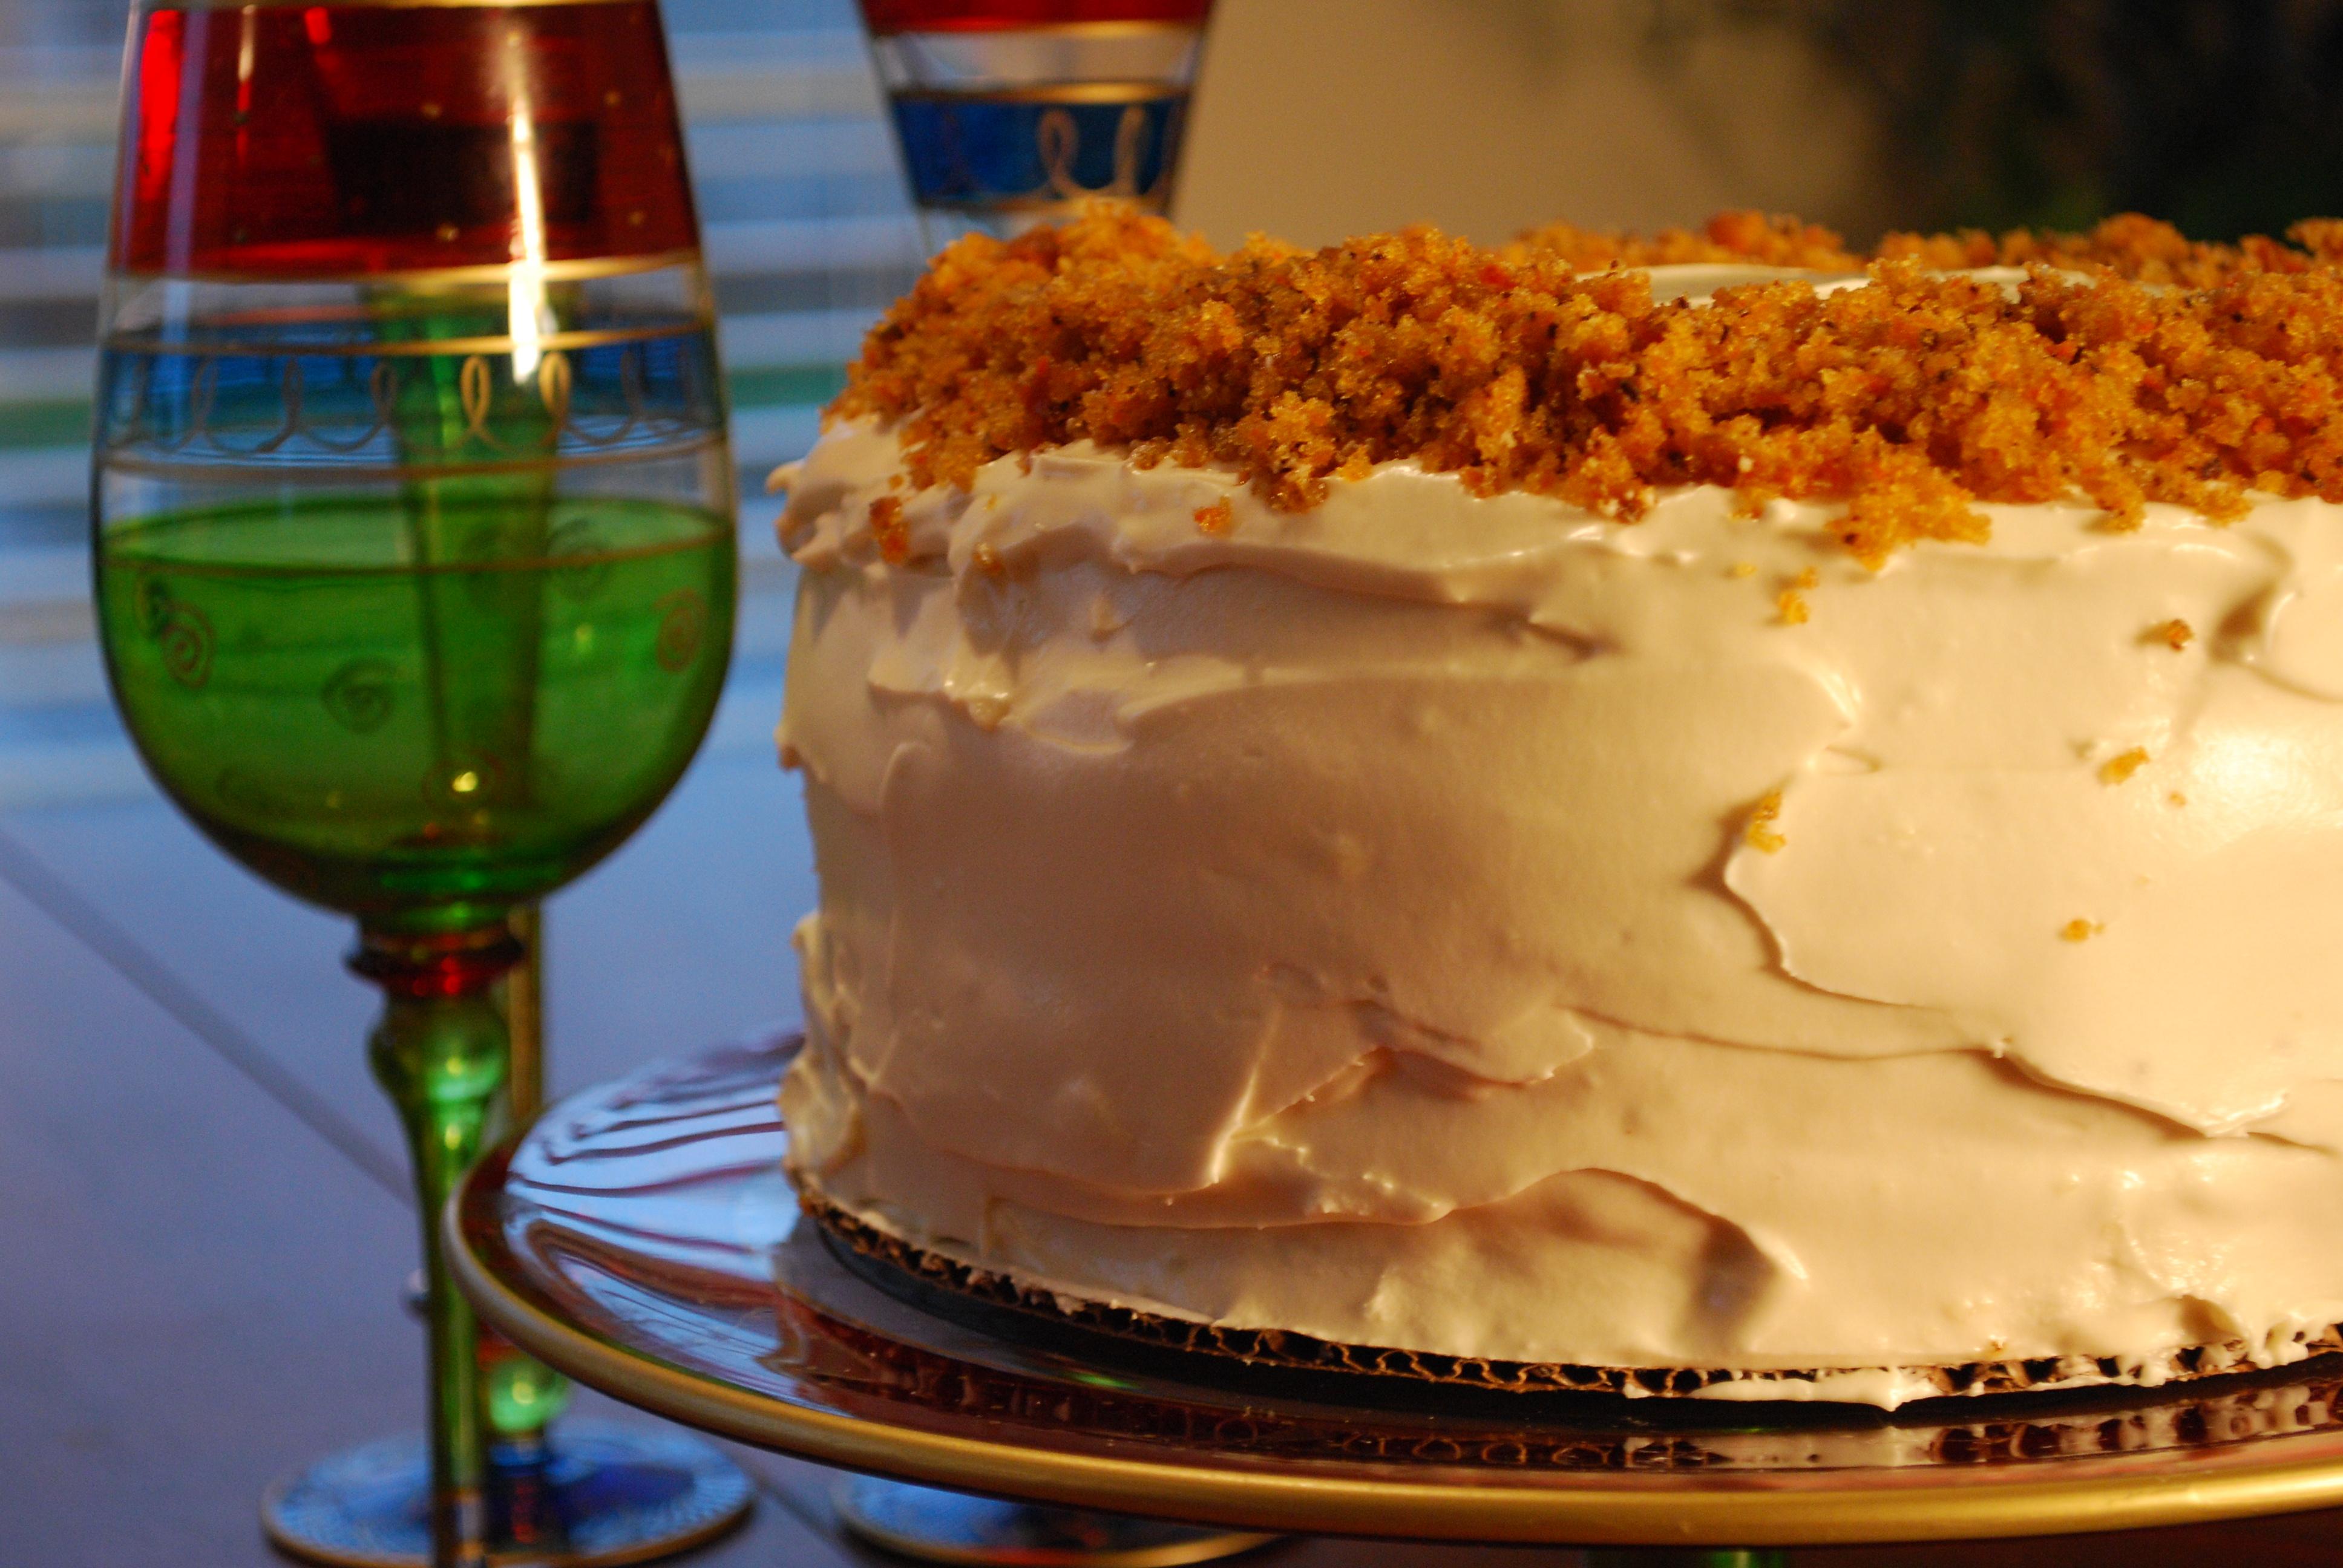 Carrot Cake Cheesecake ... inspired by Junior's Cheesecake.